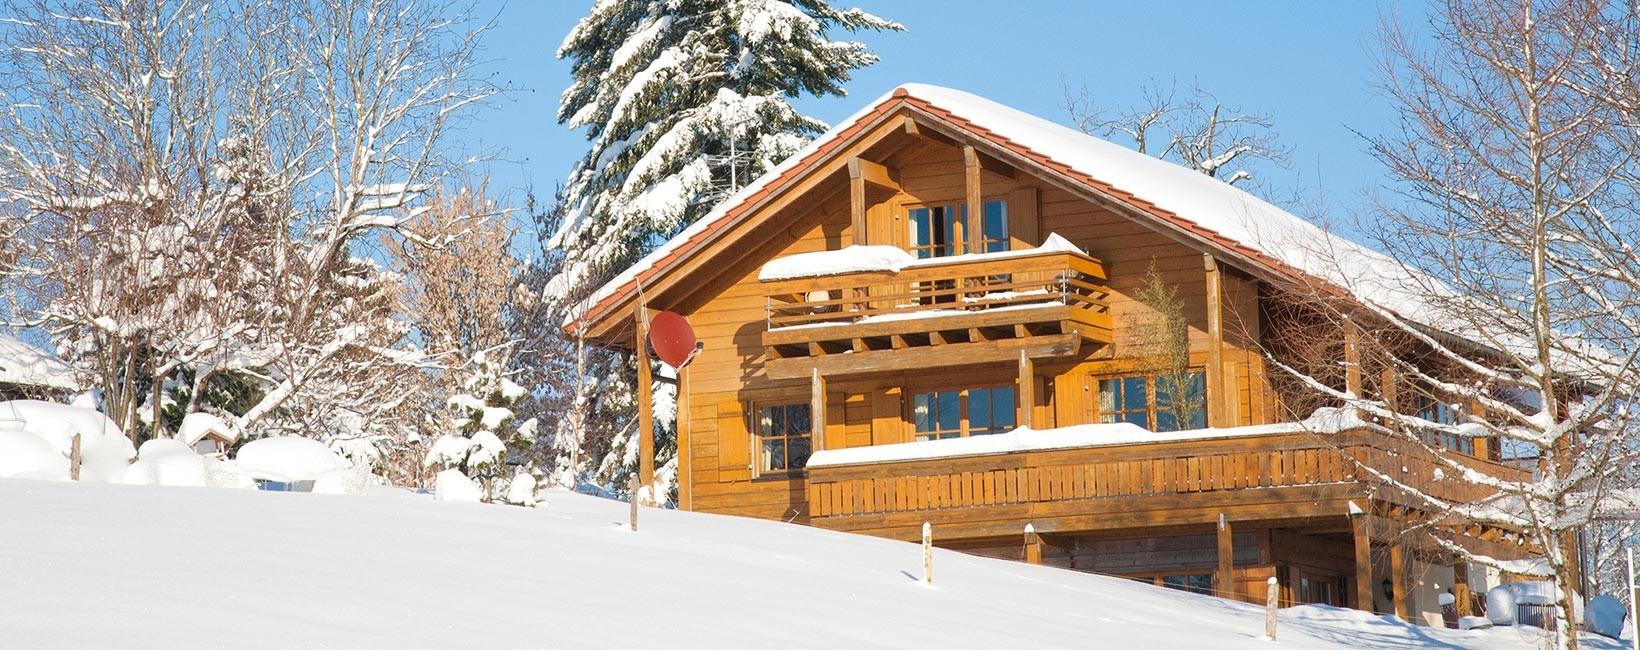 Ferienwohnungen & -häuser in Berchtesgaden - Winter